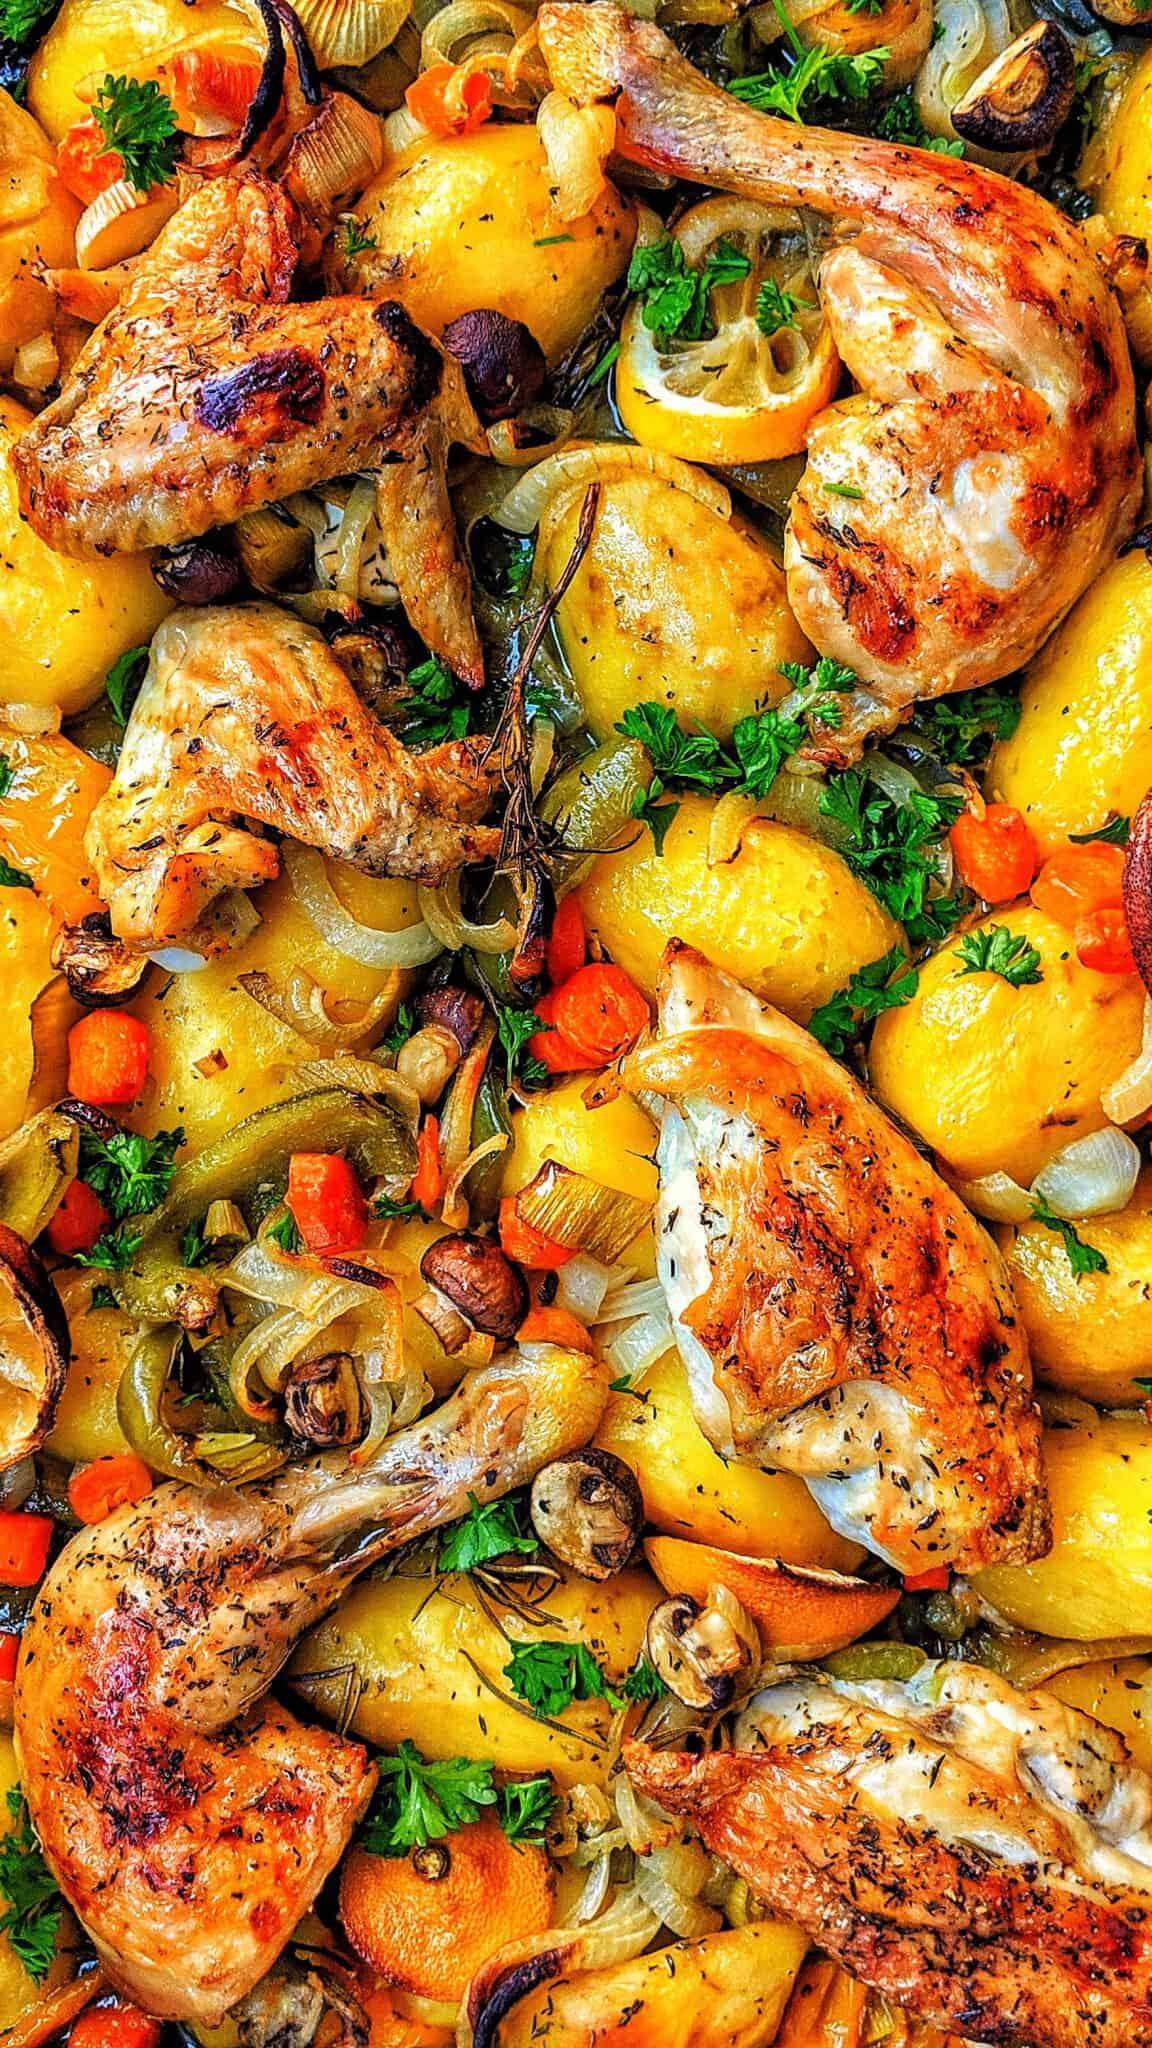 Eine Nahaufnahme von Hähnchen, Kartoffeln und Gemüse